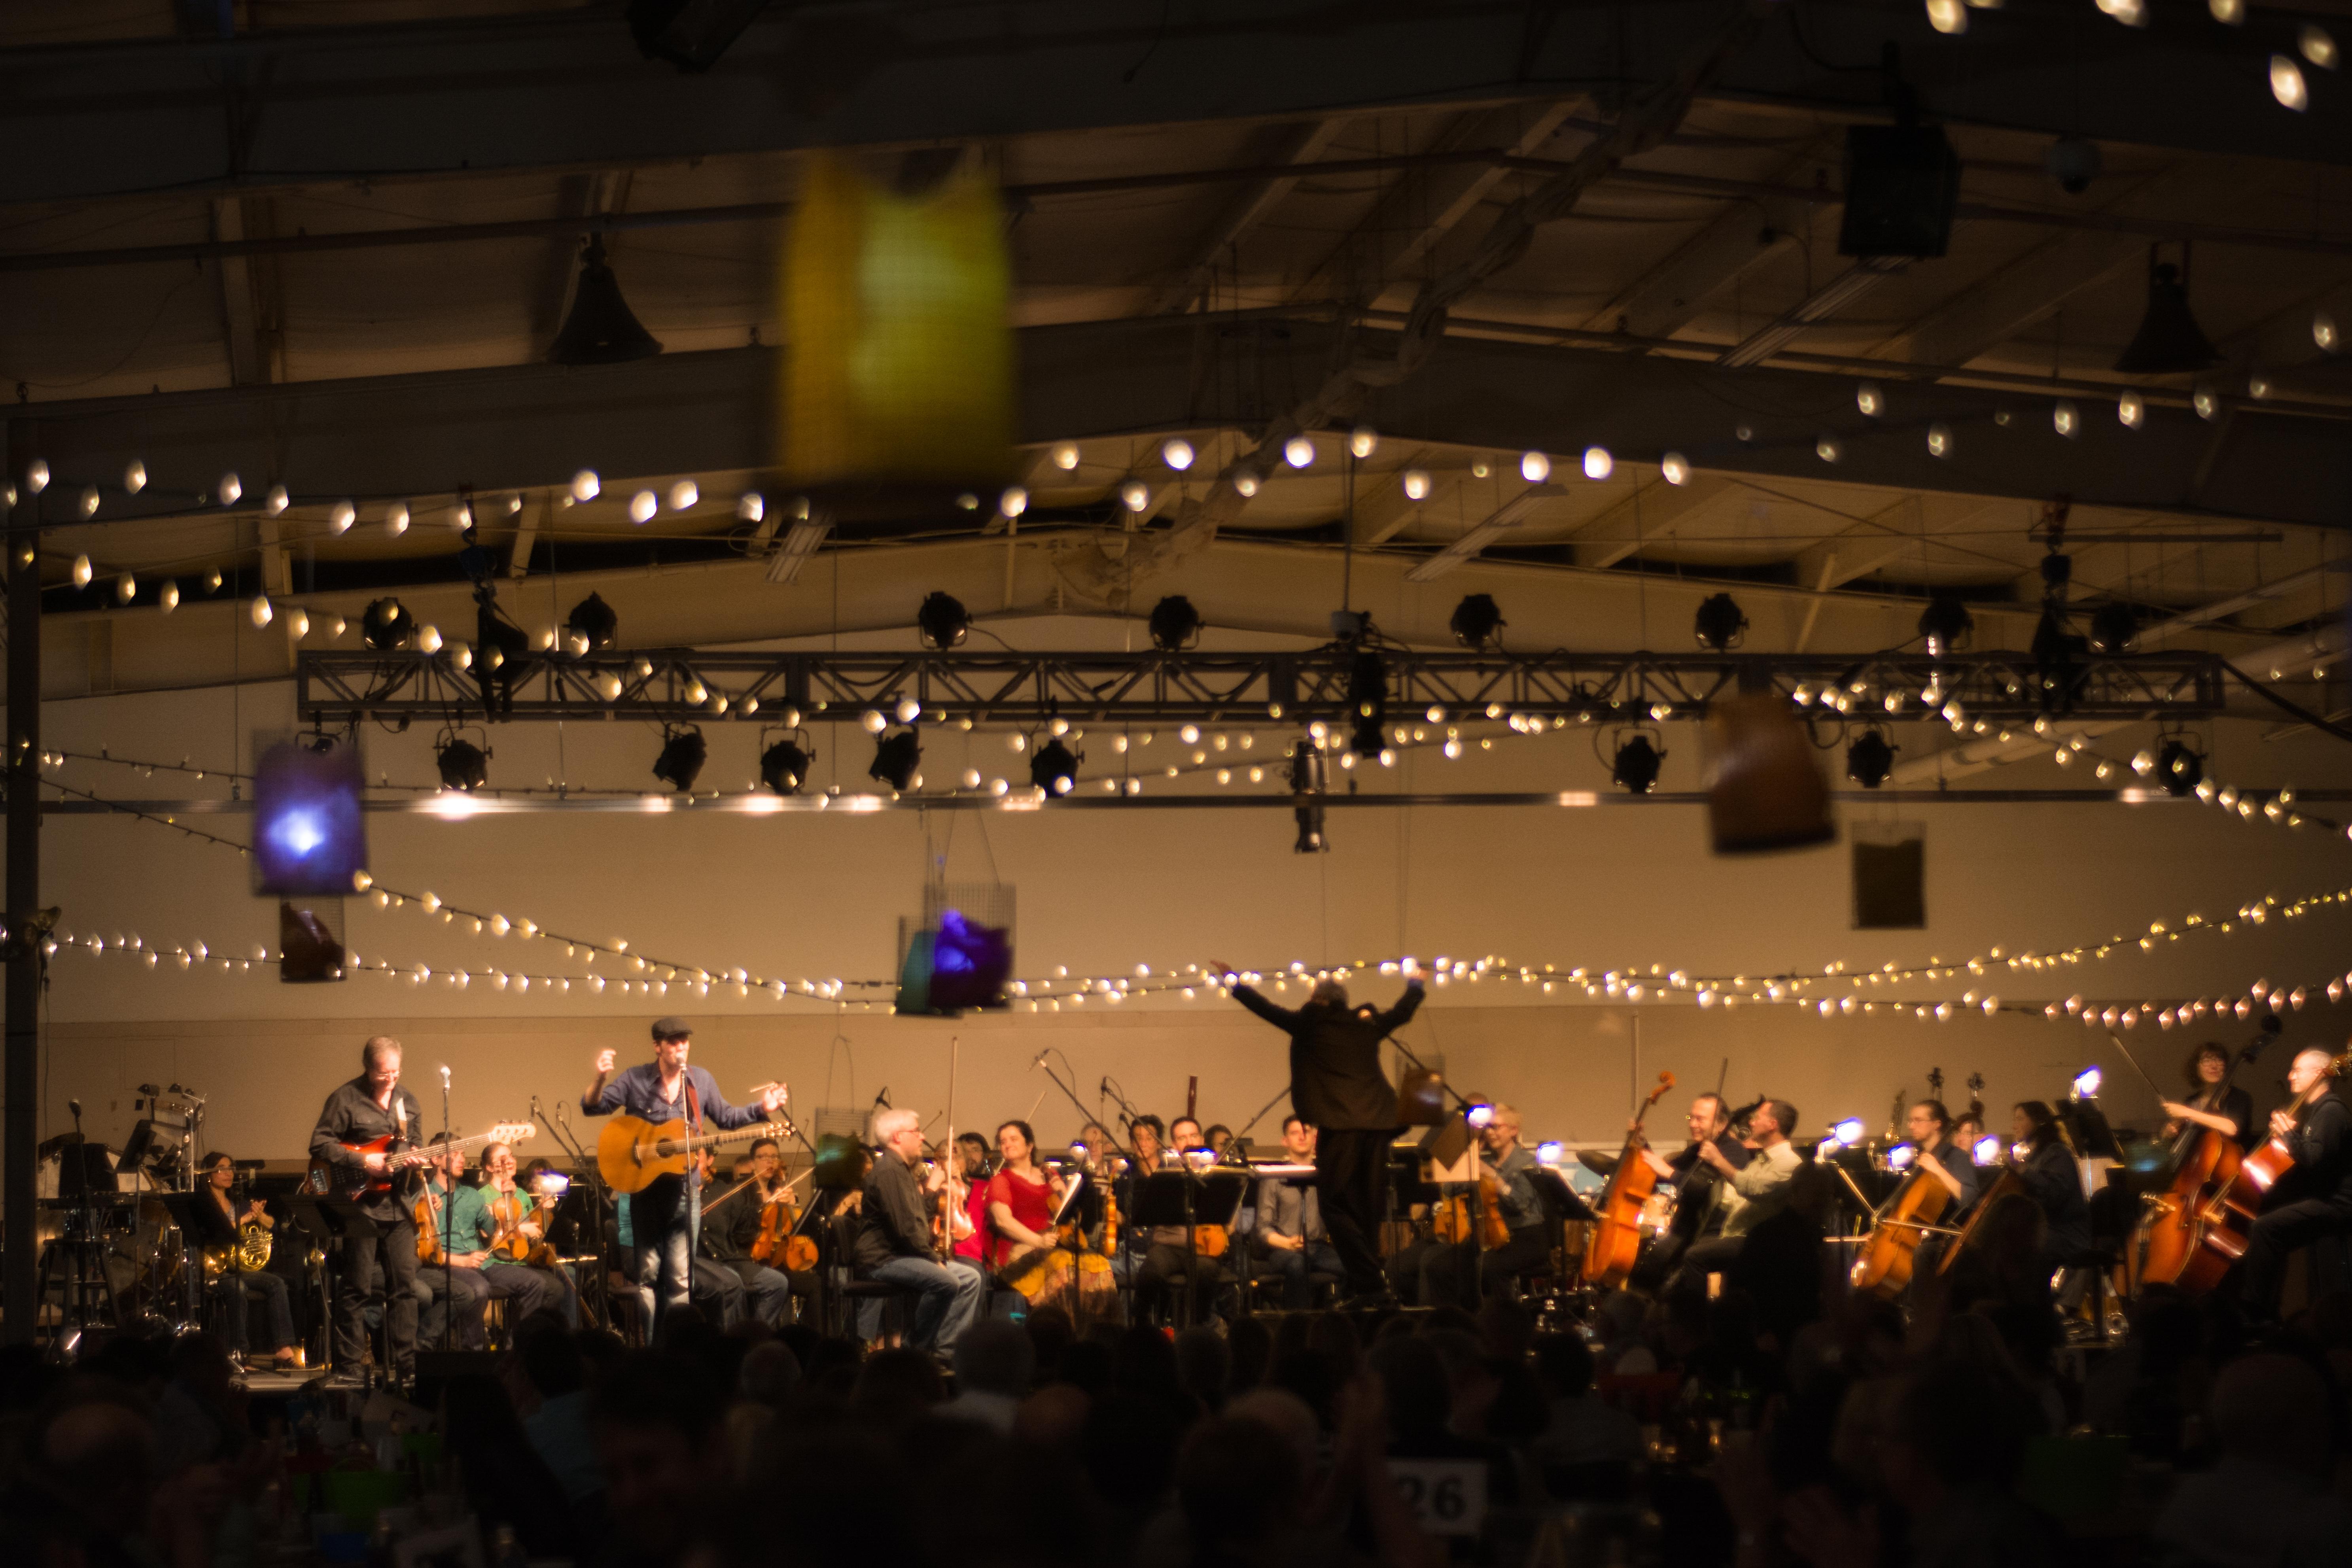 Halifax Forum's Multi-Purpose Centre, Halifax